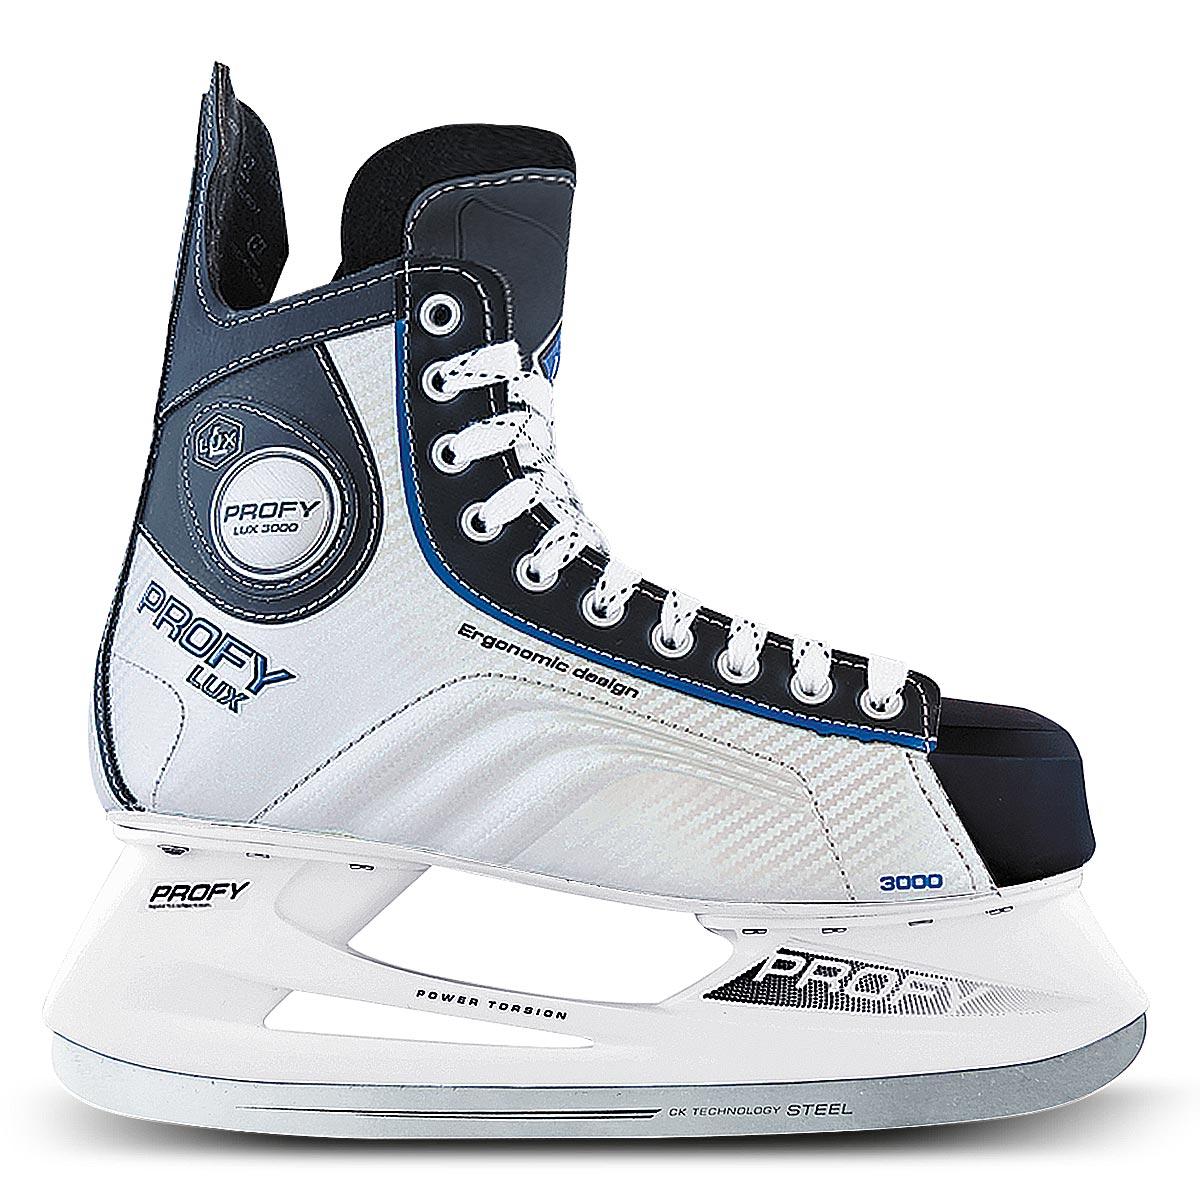 Коньки хоккейные для мальчика СК Profy Lux 3000, цвет: черный, серебряный, синий. Размер 35